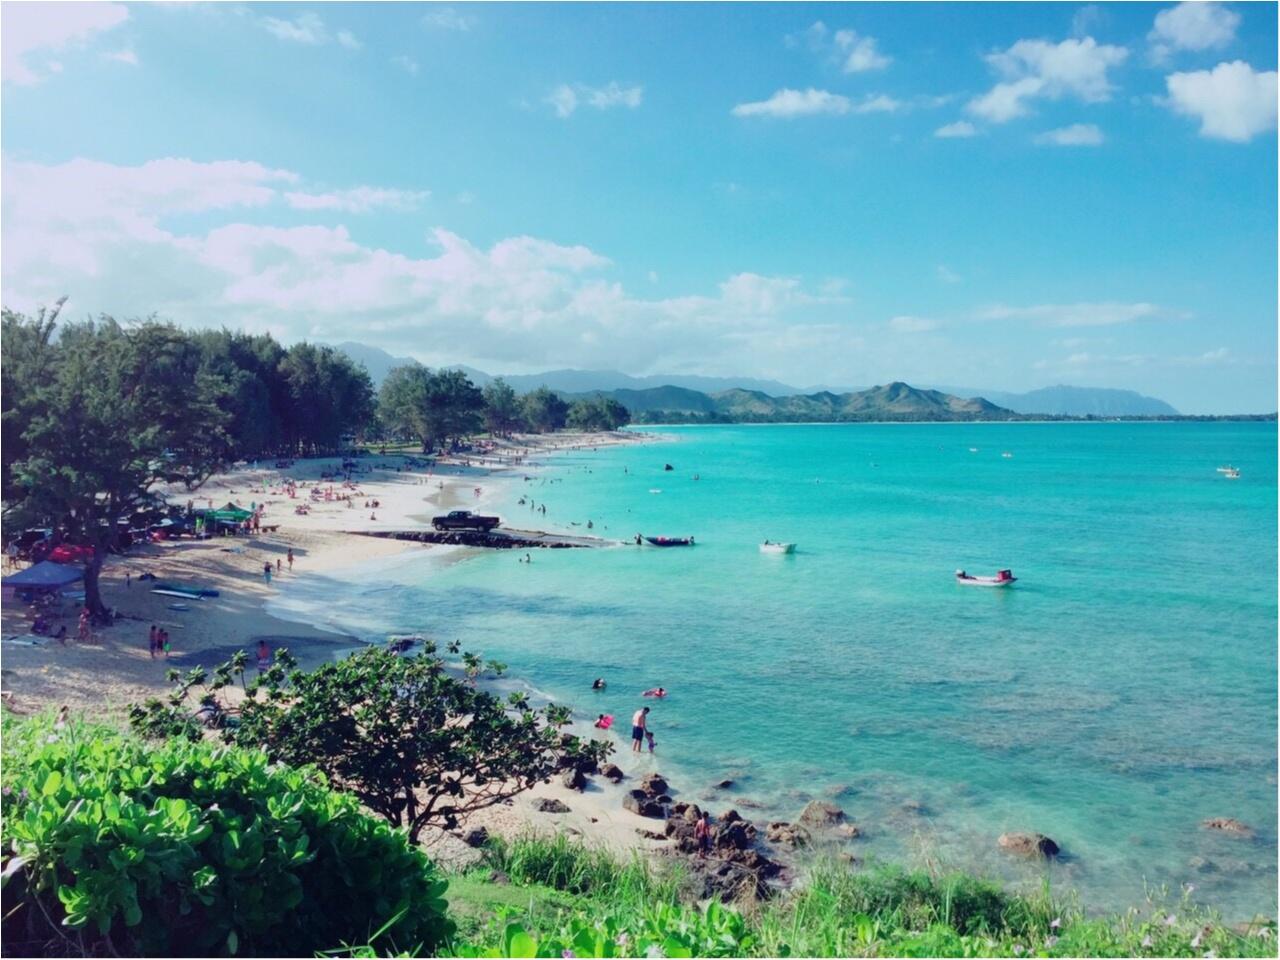 【TRIP】ワイキキビーチだけじゃない♡ハワイで行きたいまったりビーチはここがおすすめ♡_4